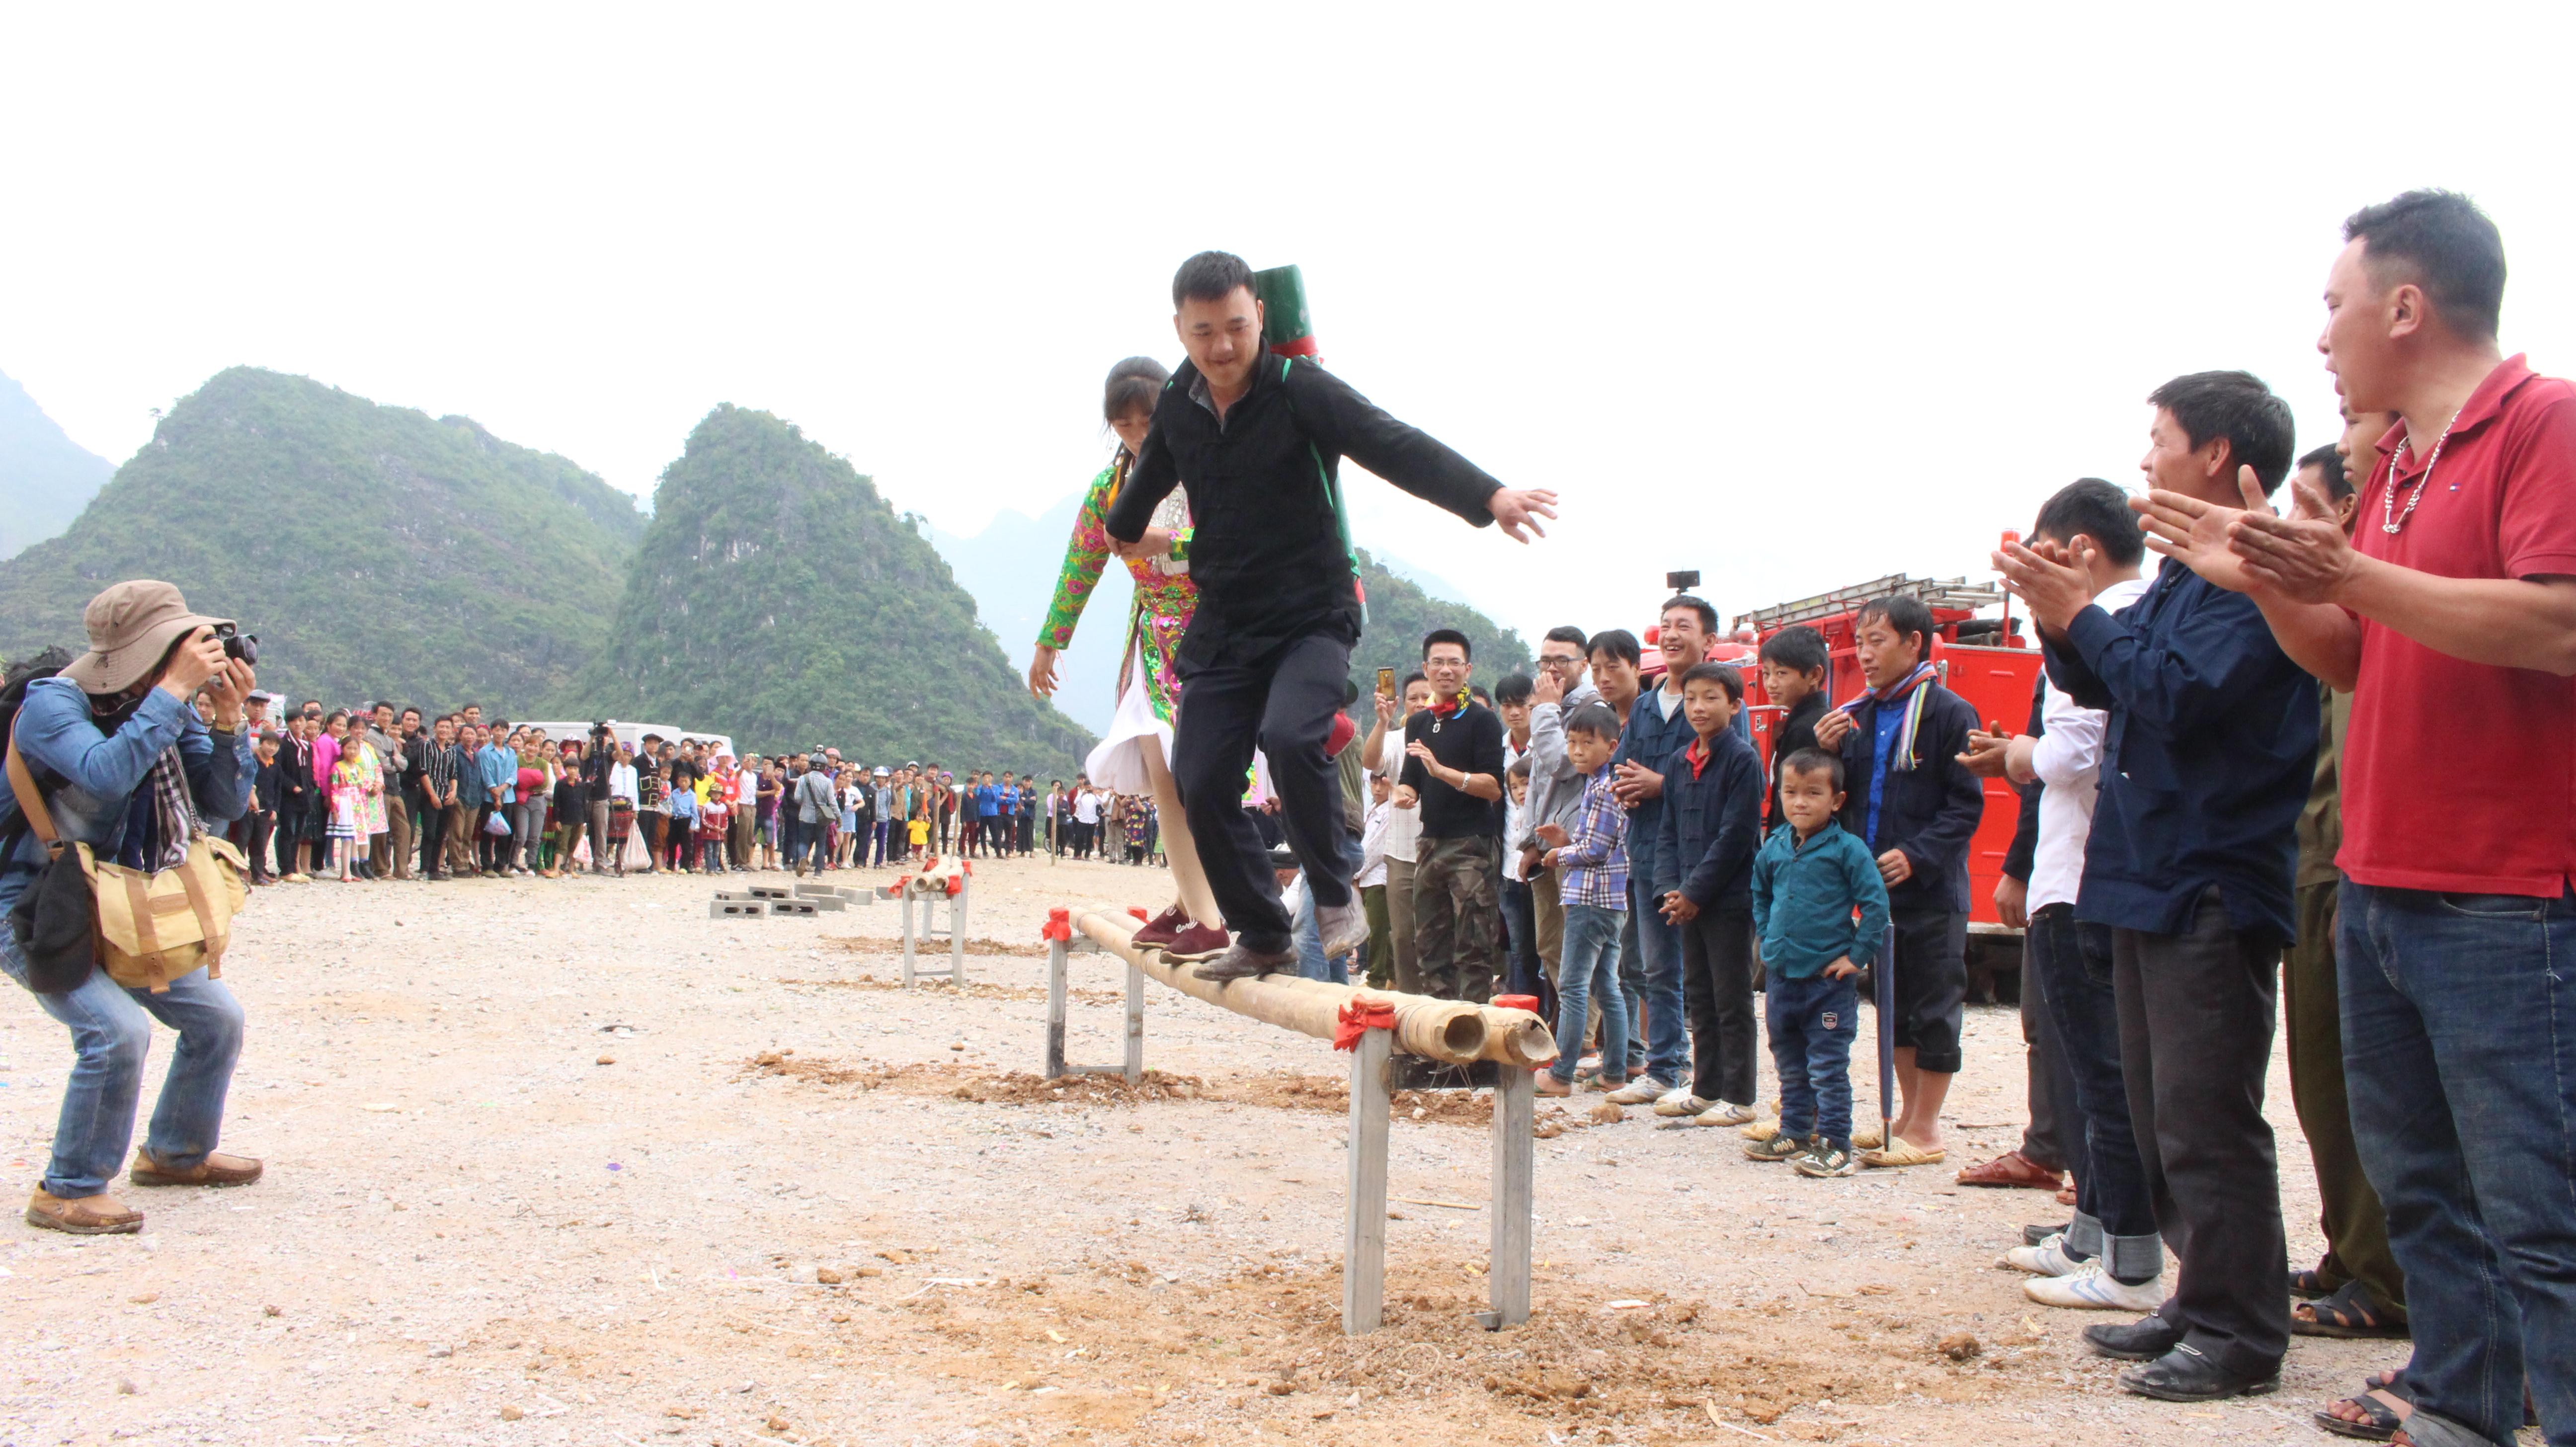 """Phần thi """"Địu nước"""" tại Lễ hội Chợ tình Khâu Vai năm 2019 thu hút được sự quan tâm của đông đảo khán giả"""